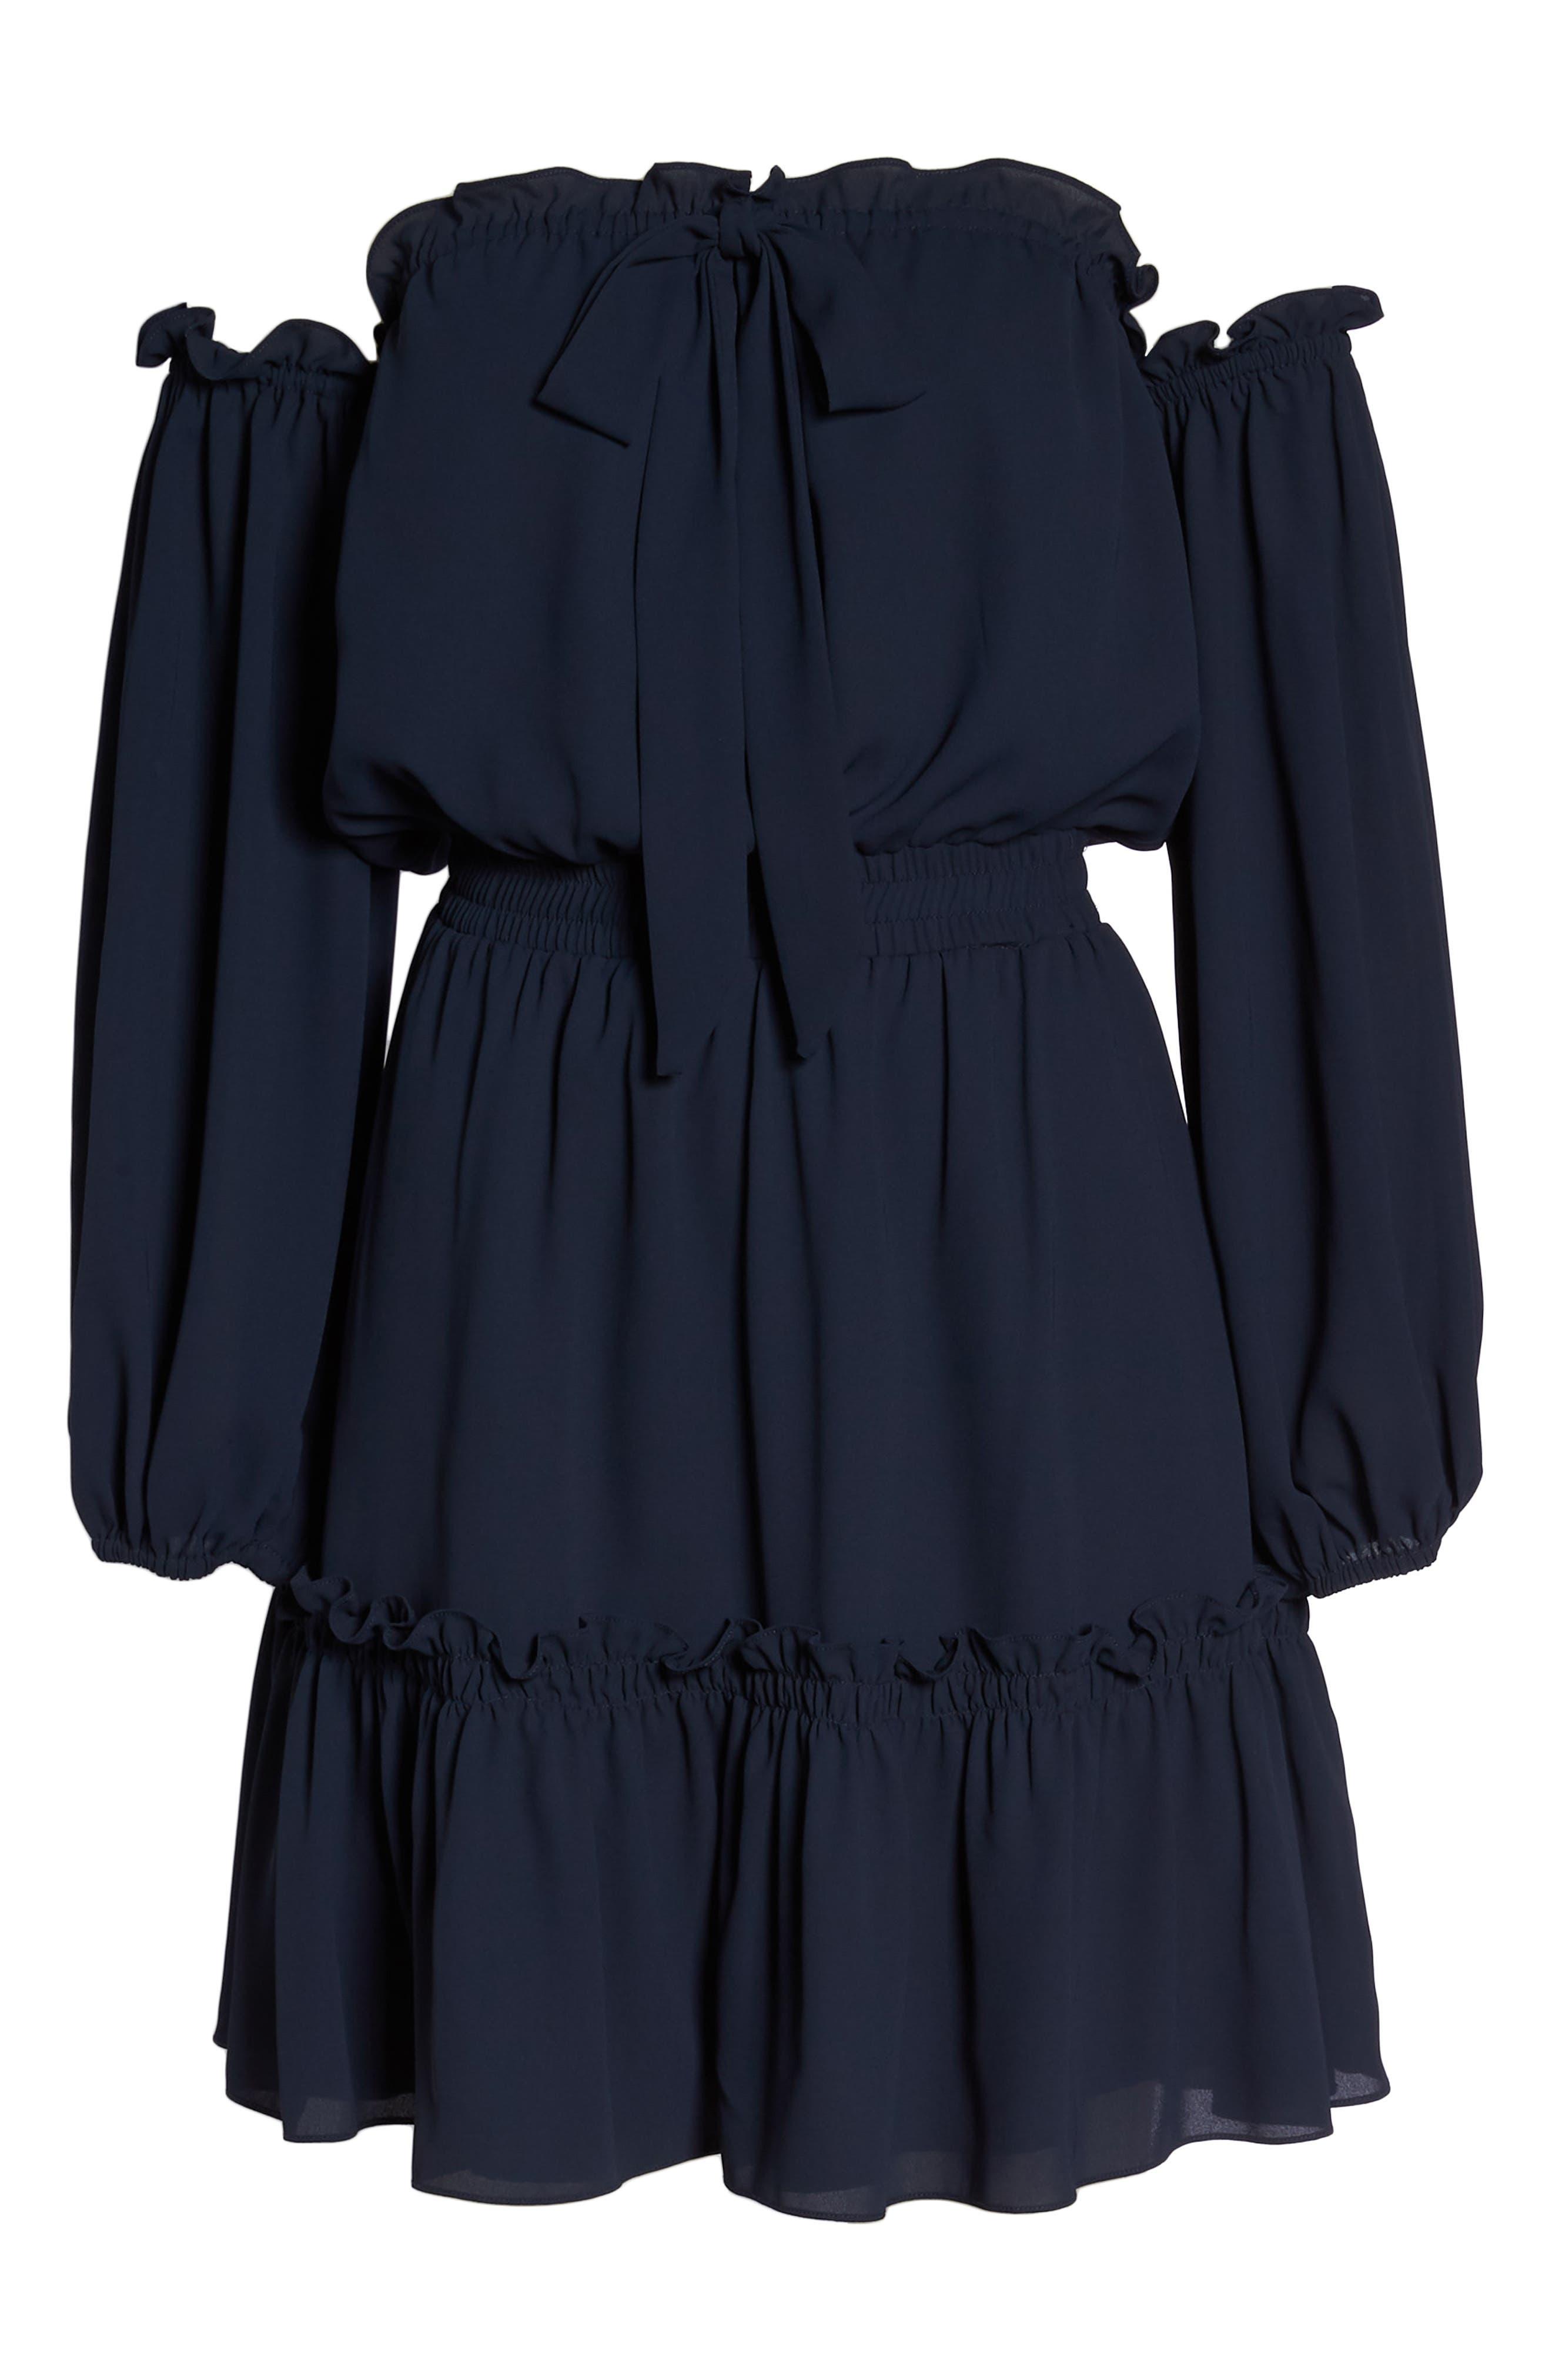 Off the Shoulder Halter Dress,                             Alternate thumbnail 8, color,                             402